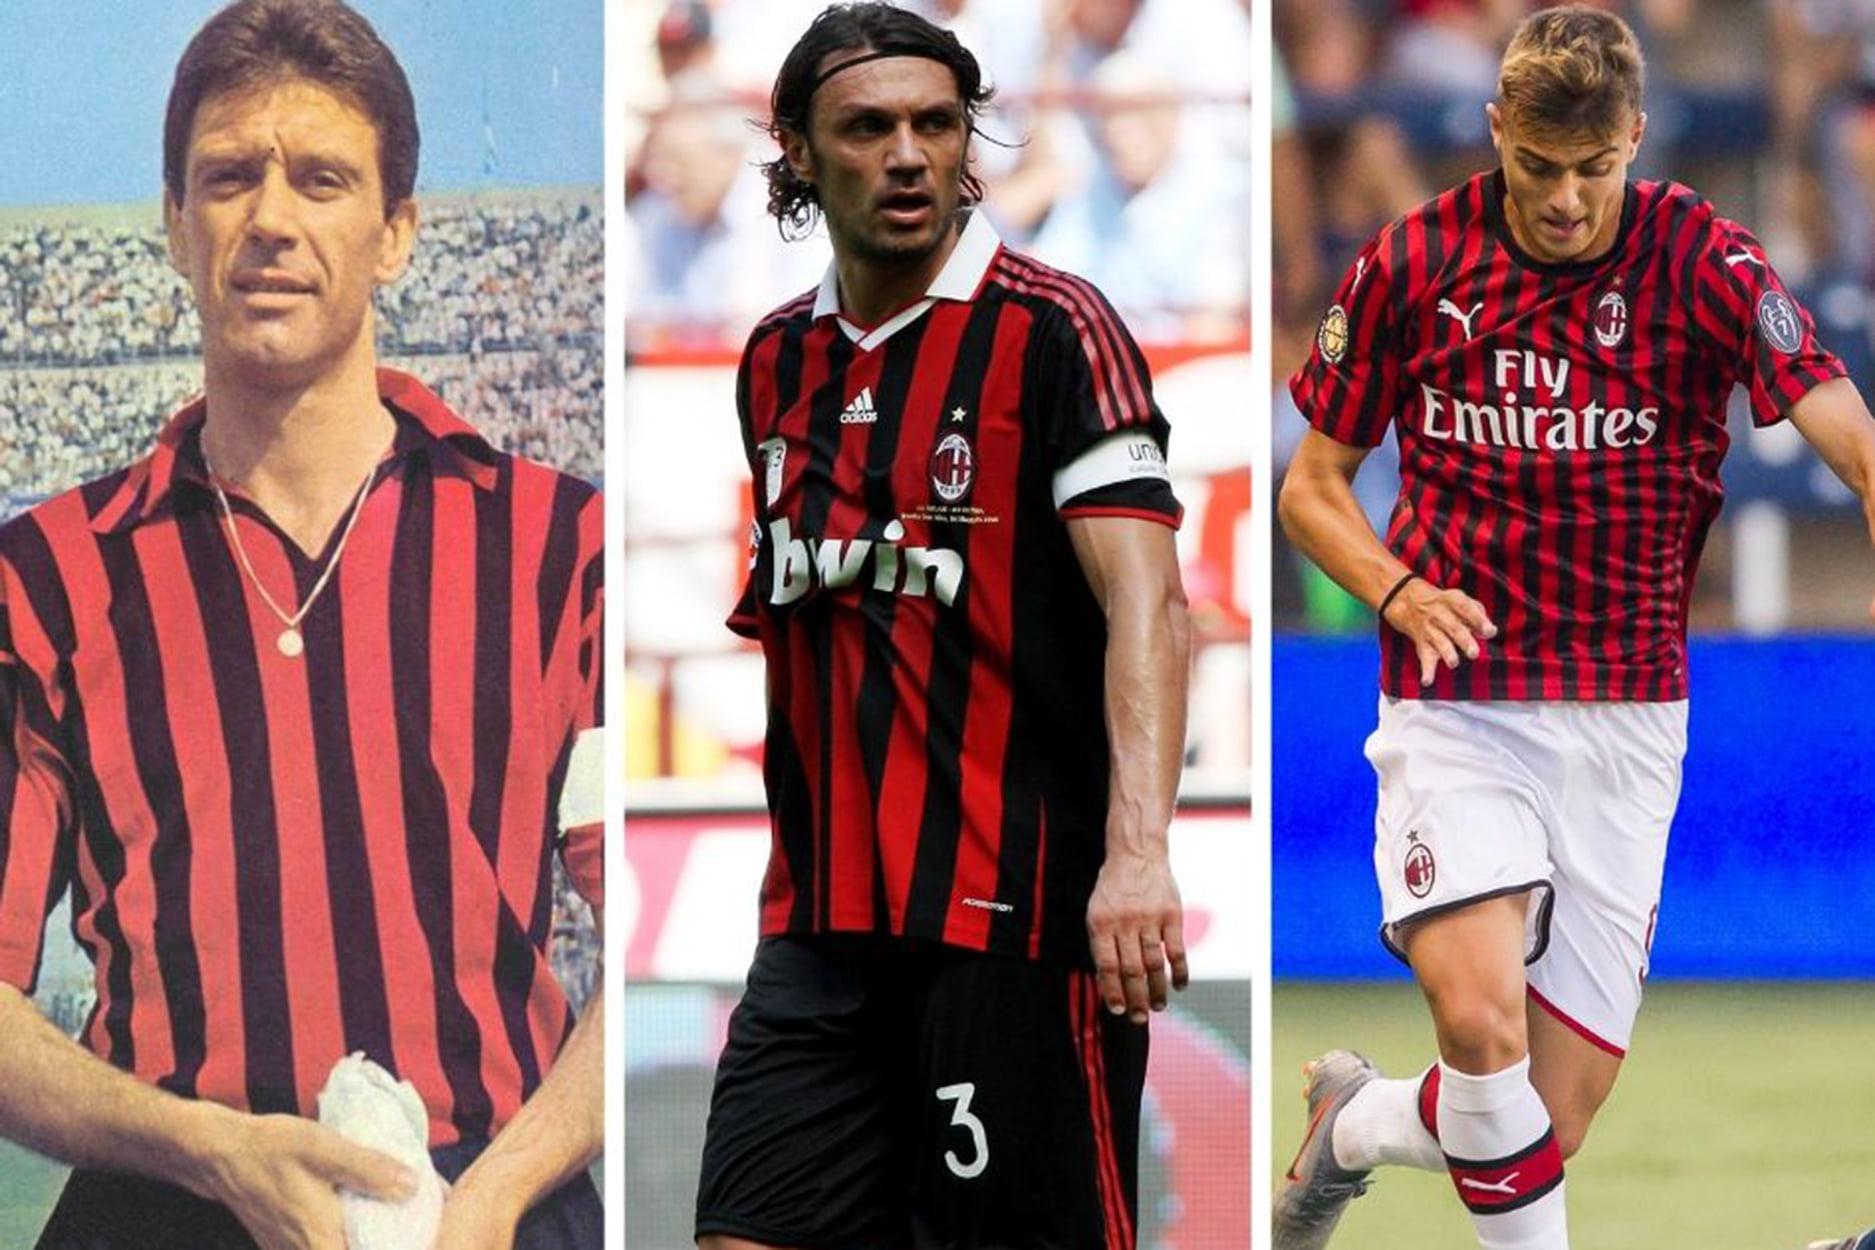 Cả ba thế hệ nhà Maldini đều thi đấu cho AC. Milan